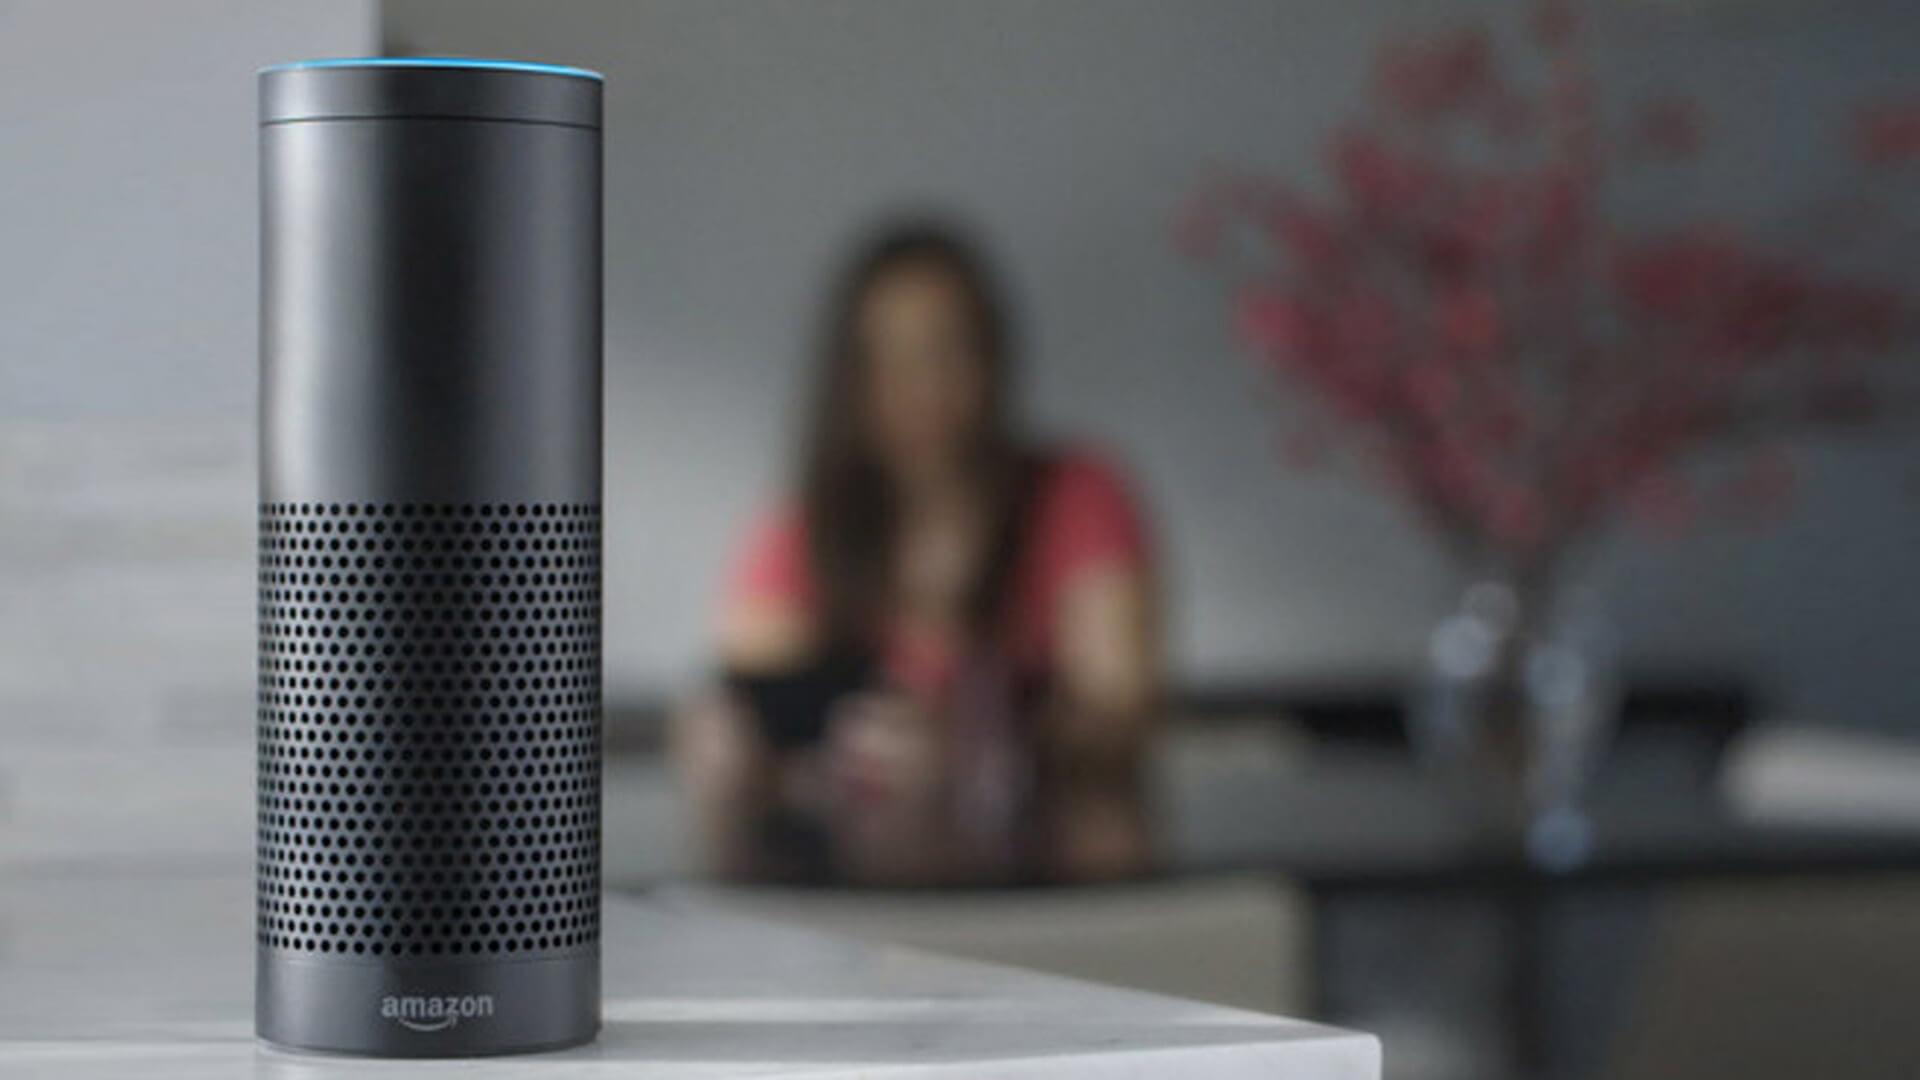 Zo ziet het eruit om Alexa in huis te halen met een Amazon Echo